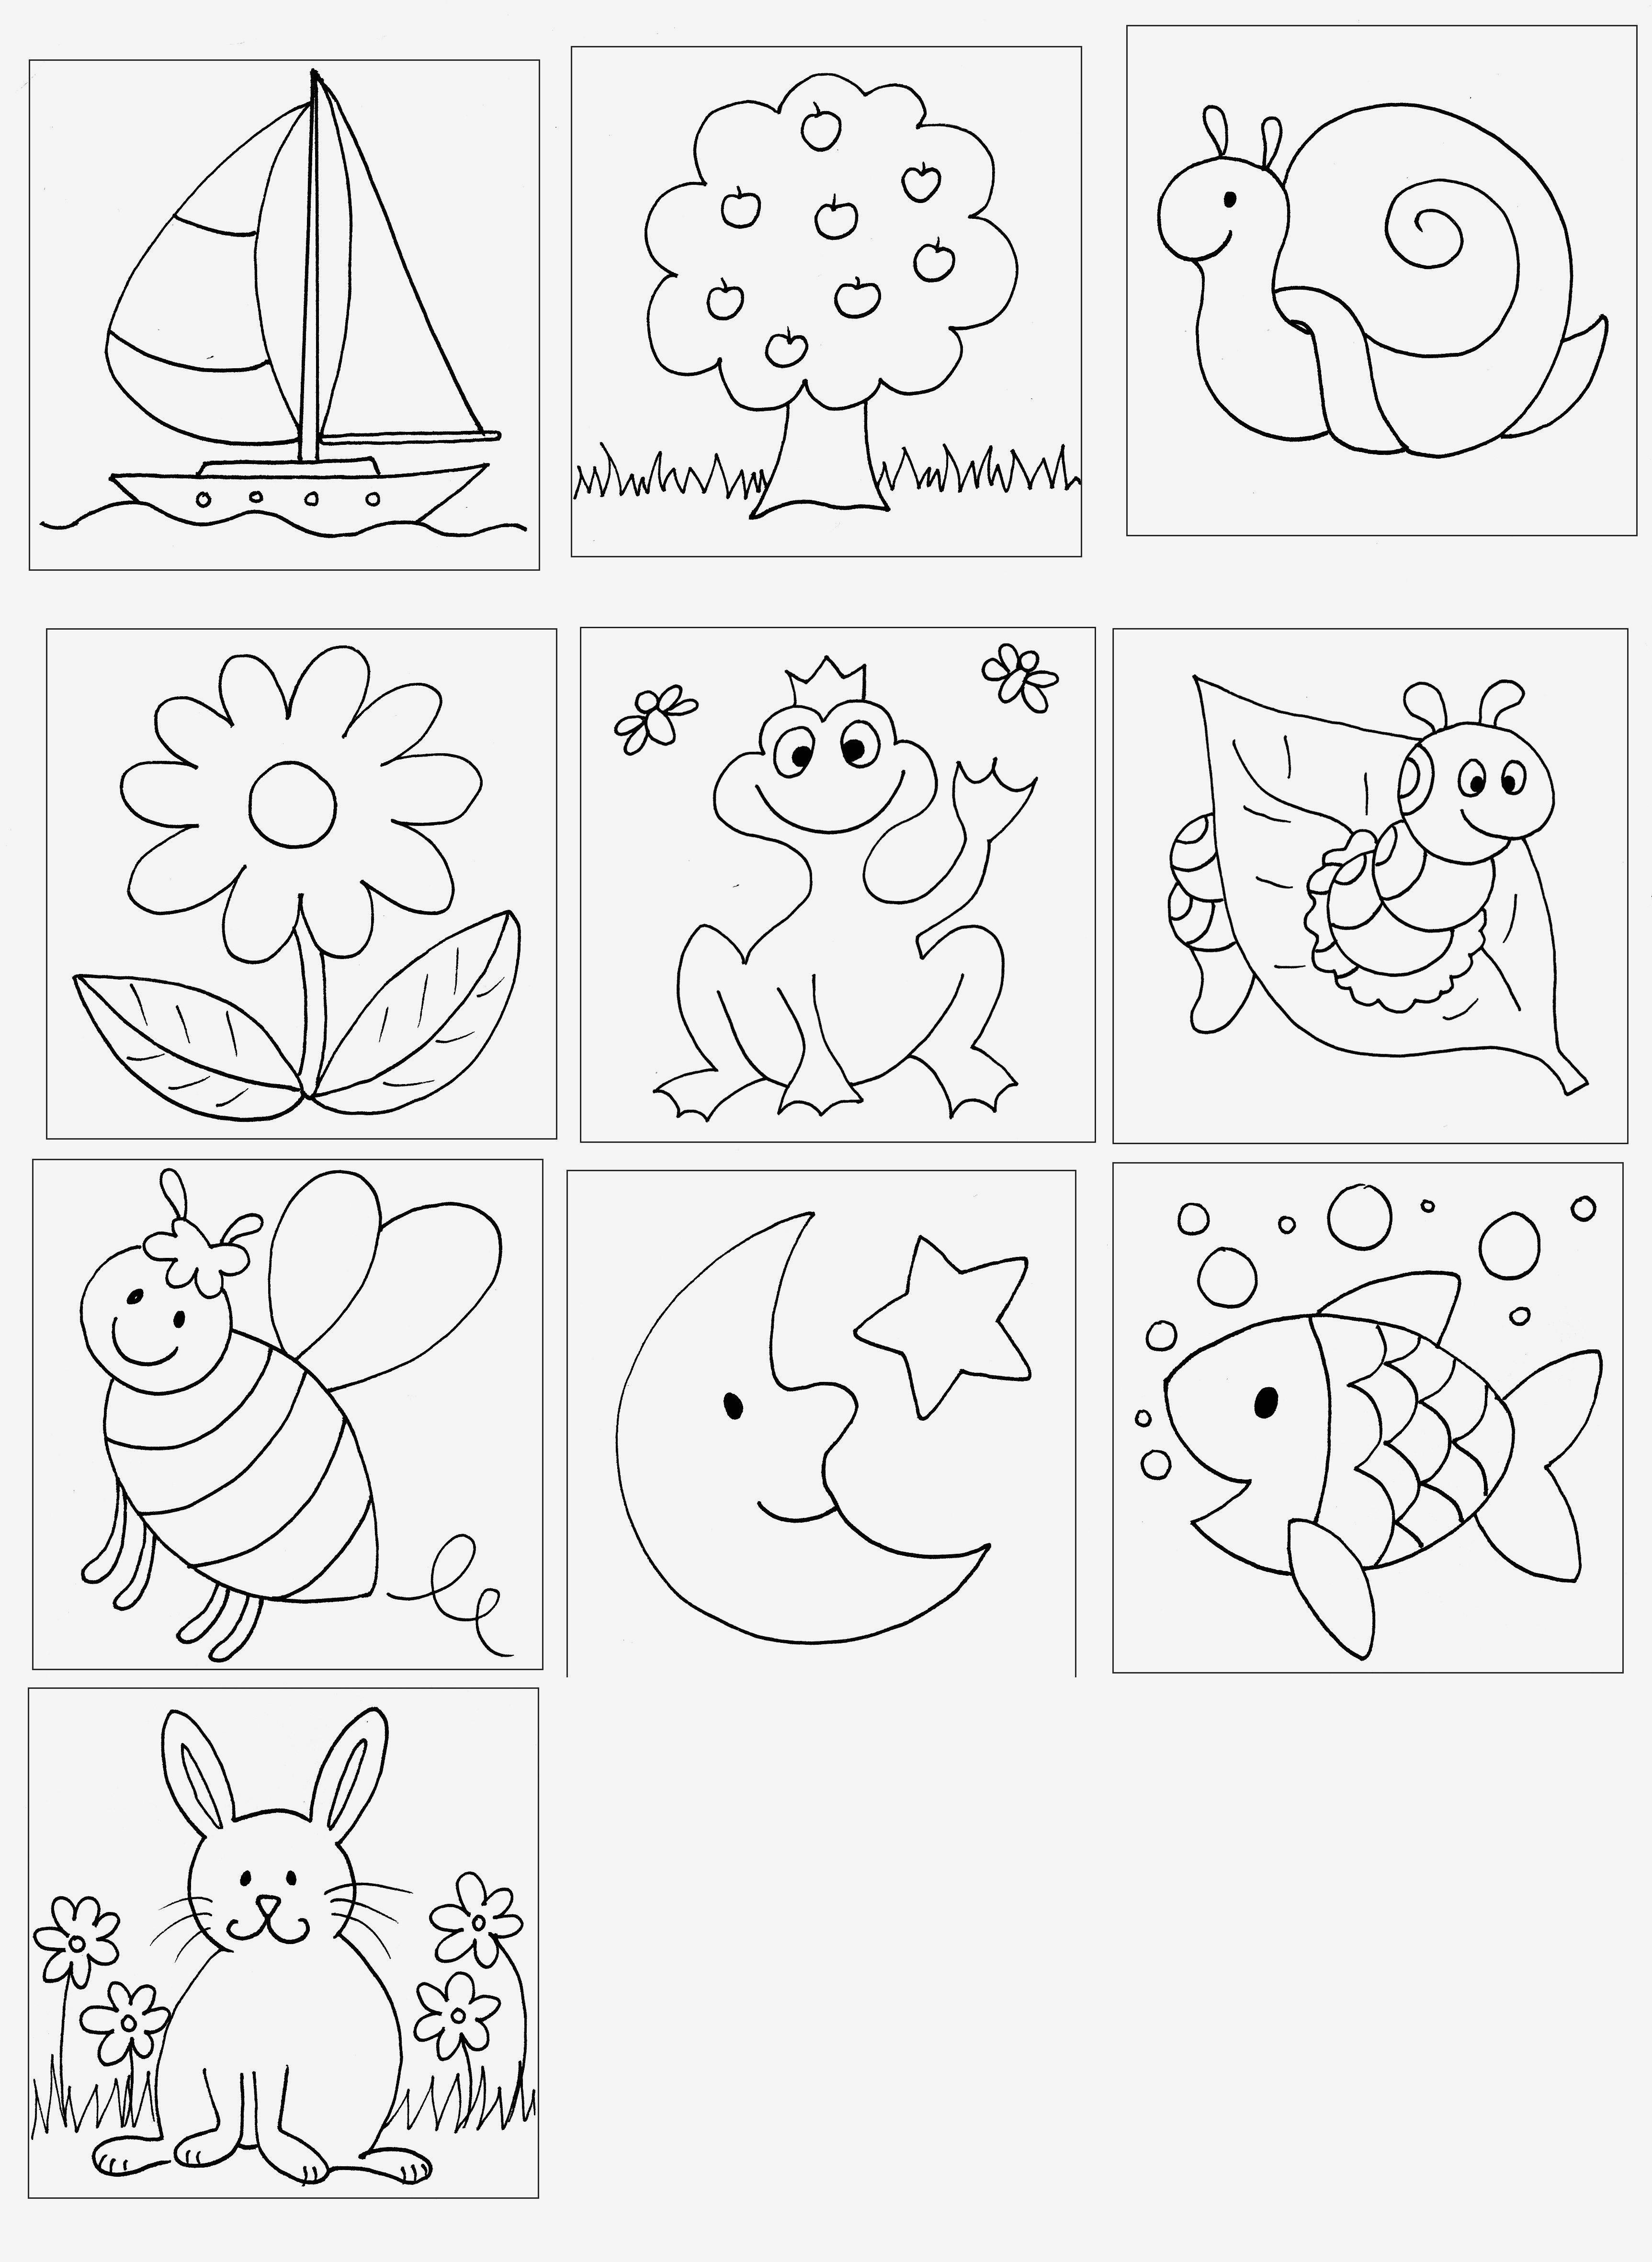 Ausmalbilder Hund Und Katze Das Beste Von Malvorlagen Katzen Und Hunde Beispielbilder Färben Hahn Malvorlagen Sammlung